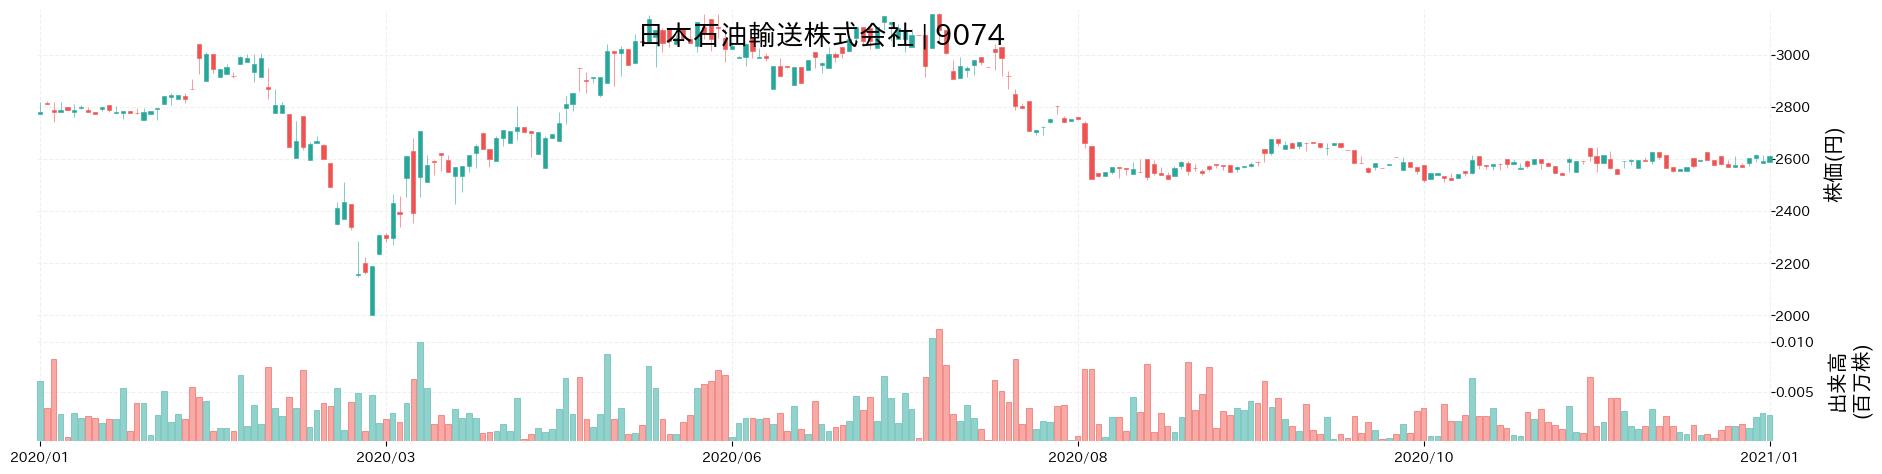 日本石油輸送株式会社の株価推移(2020)